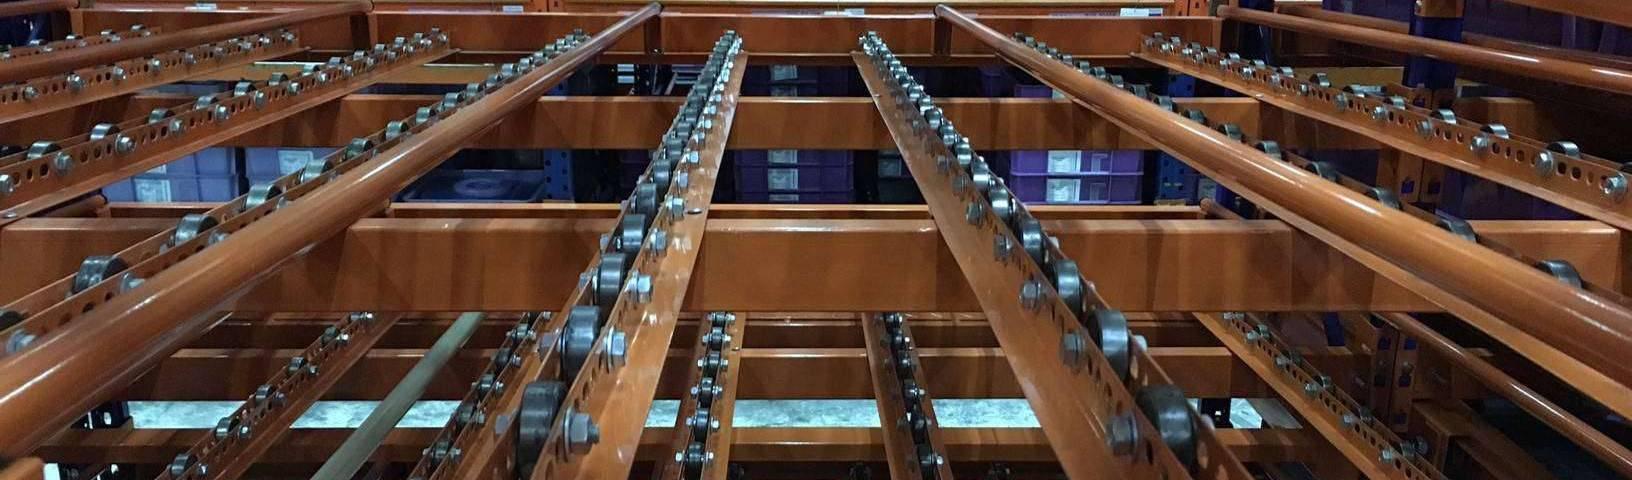 Giá kệ trôi kệ dòng chảy để vật tư trong xưởng lắp ráp nhà máy SMHN_heading